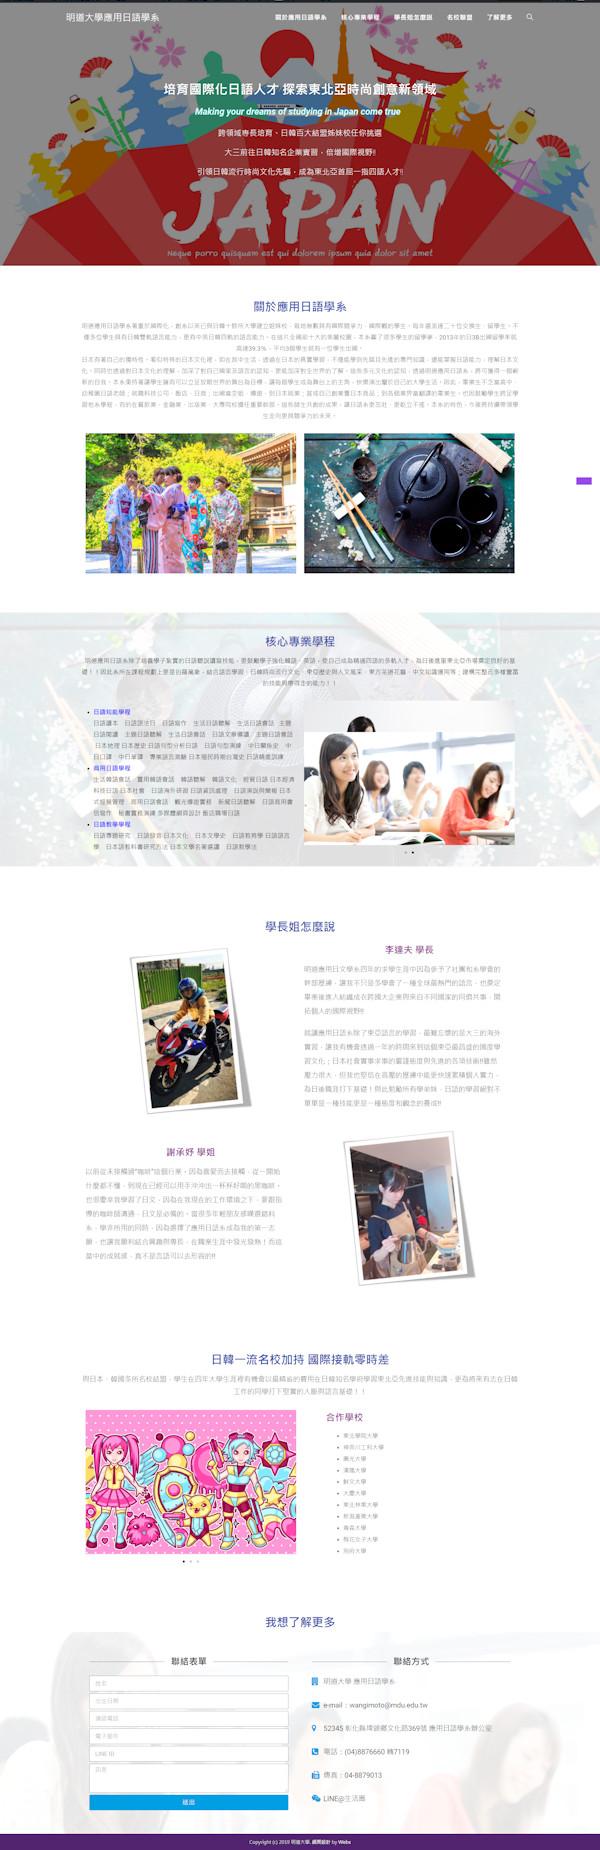 網頁設計-大學日文系1